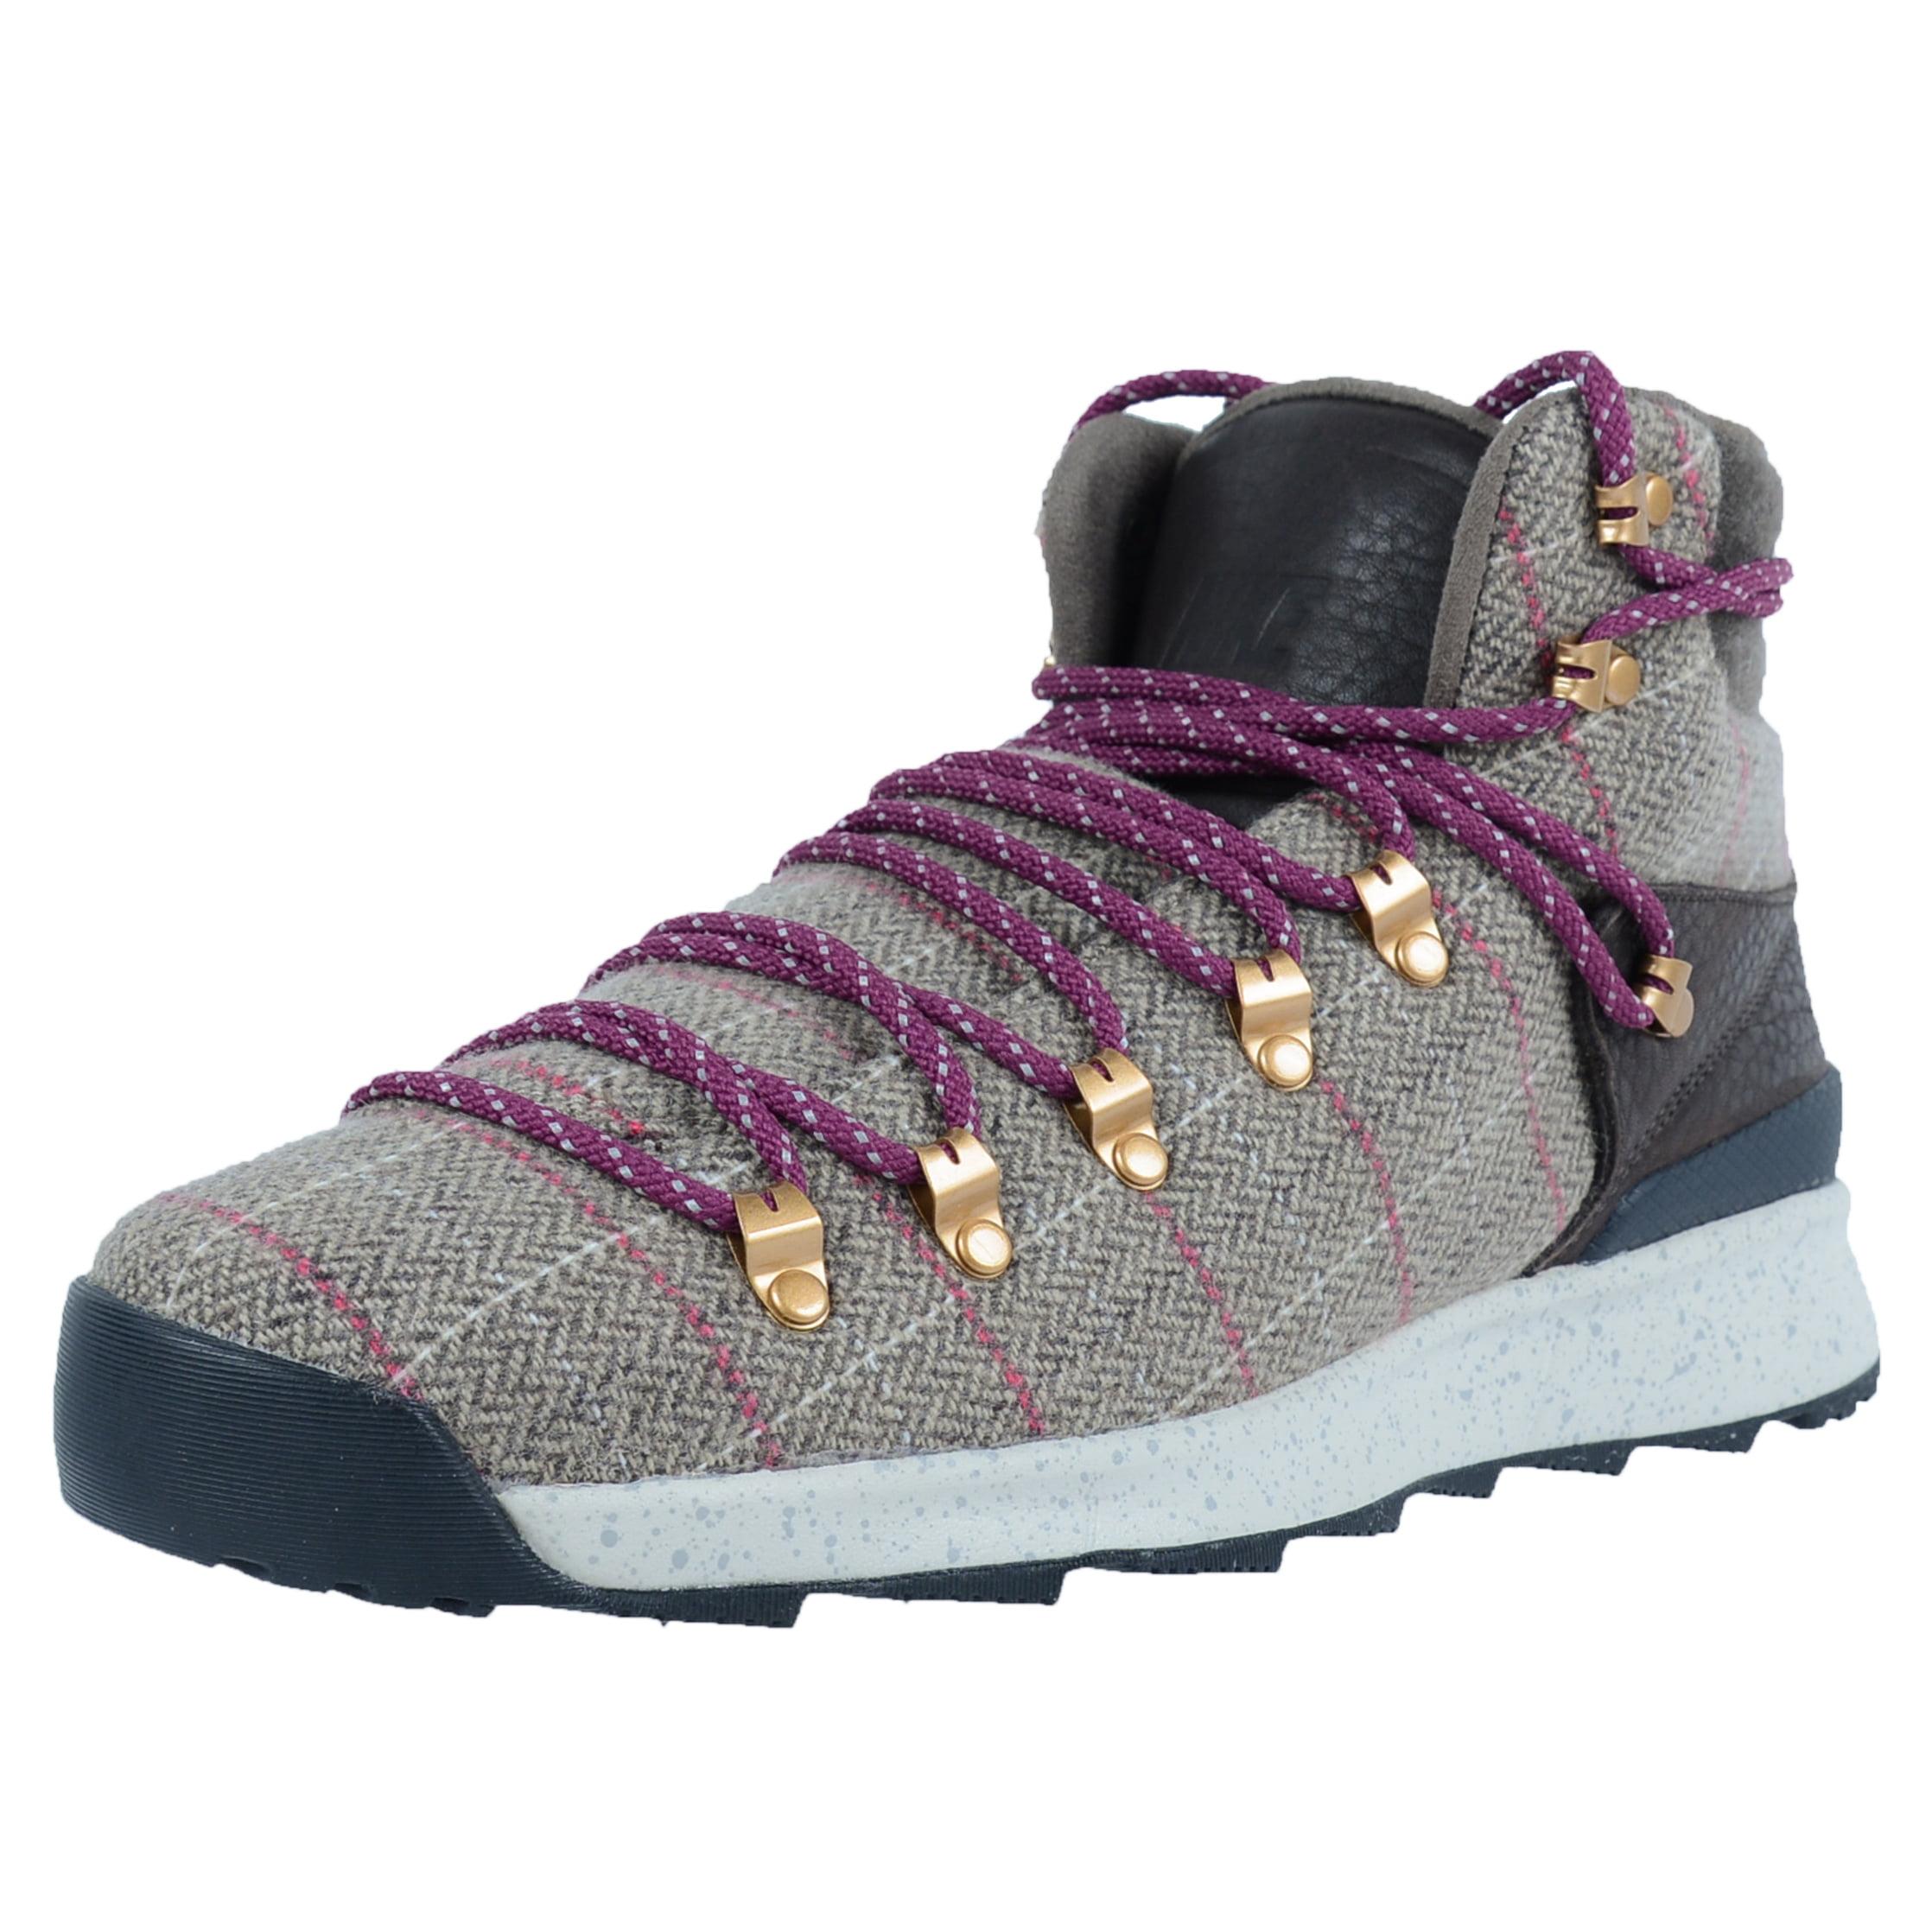 Nike WOMENS ASTORIA NRG HIKING BOOTS BAMBOO VELVET BROWN ...